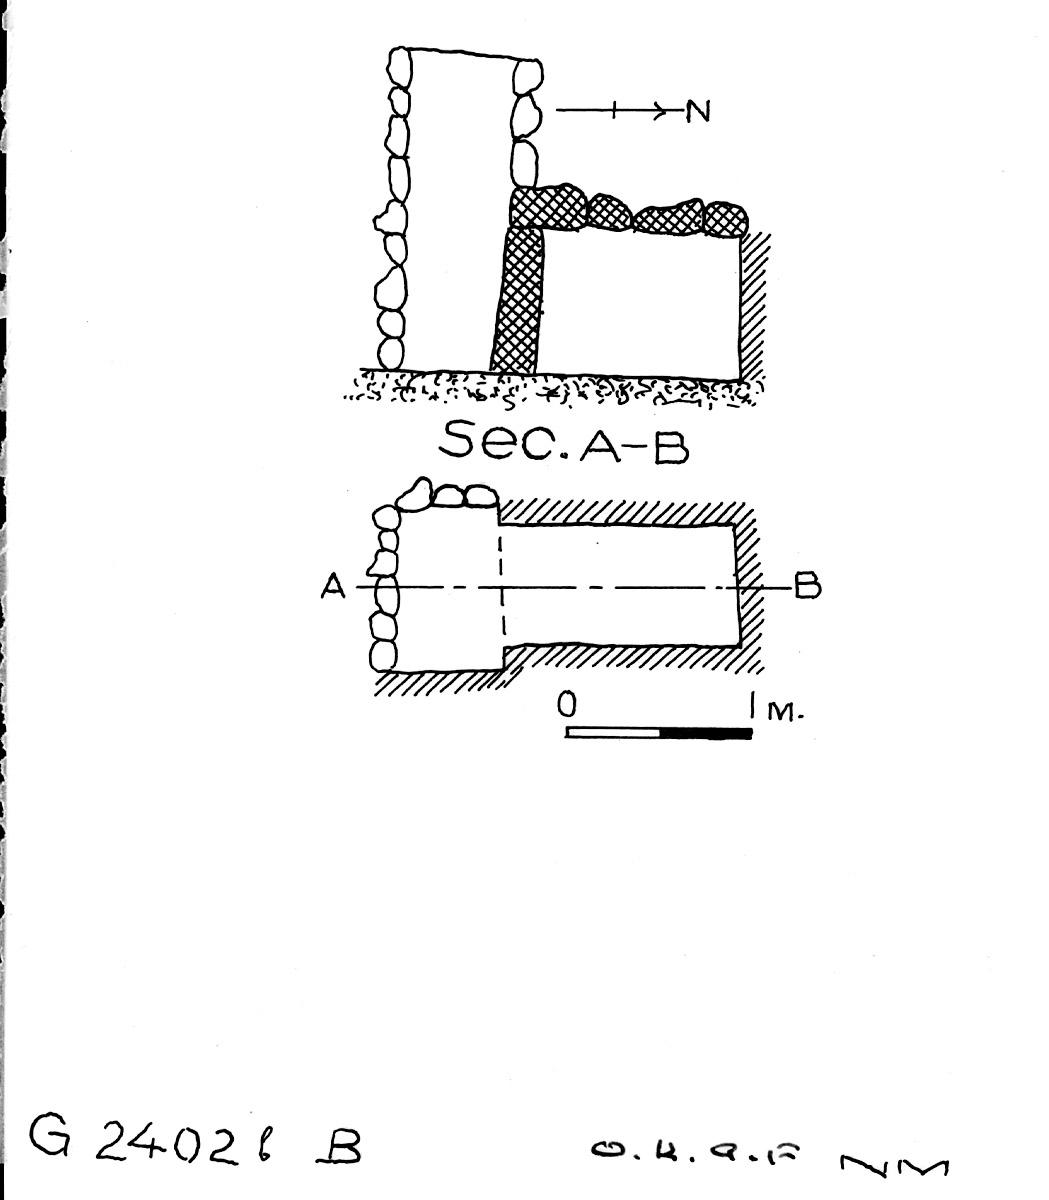 Maps and plans: G 2402b, Shaft B